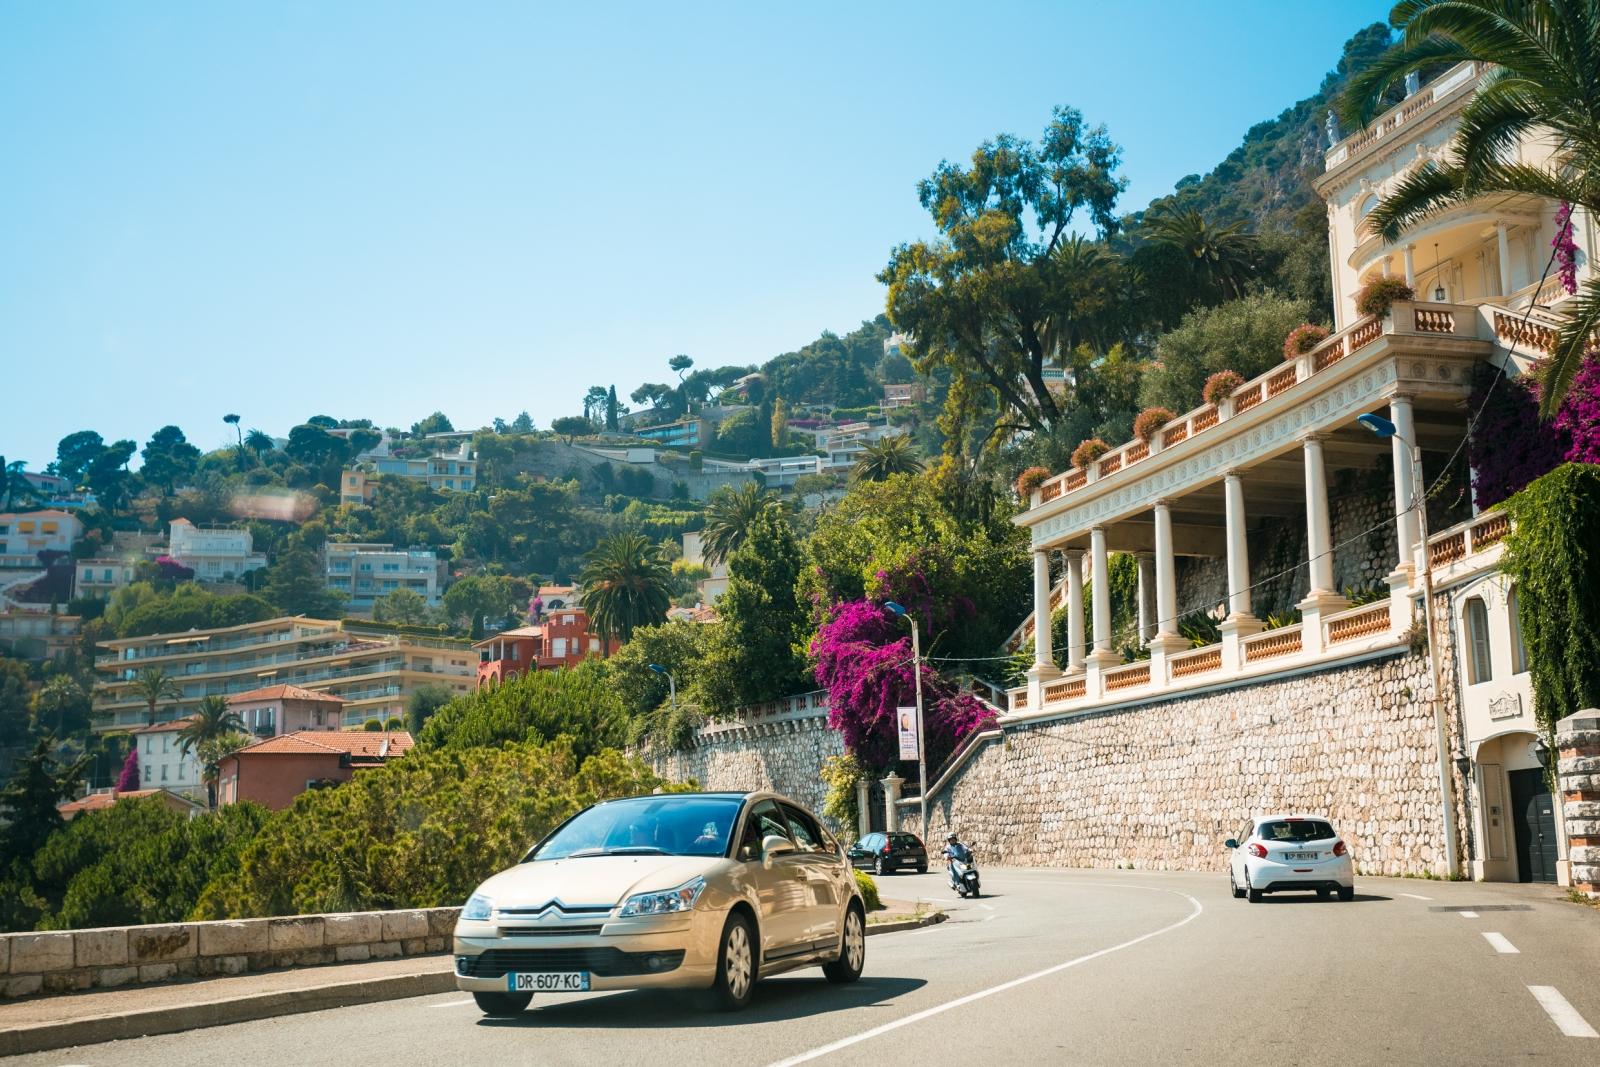 Erkunden Sie die Provence und die Côte d'Azur per Auto: Einfach Mietwagen buchen und los geht's.